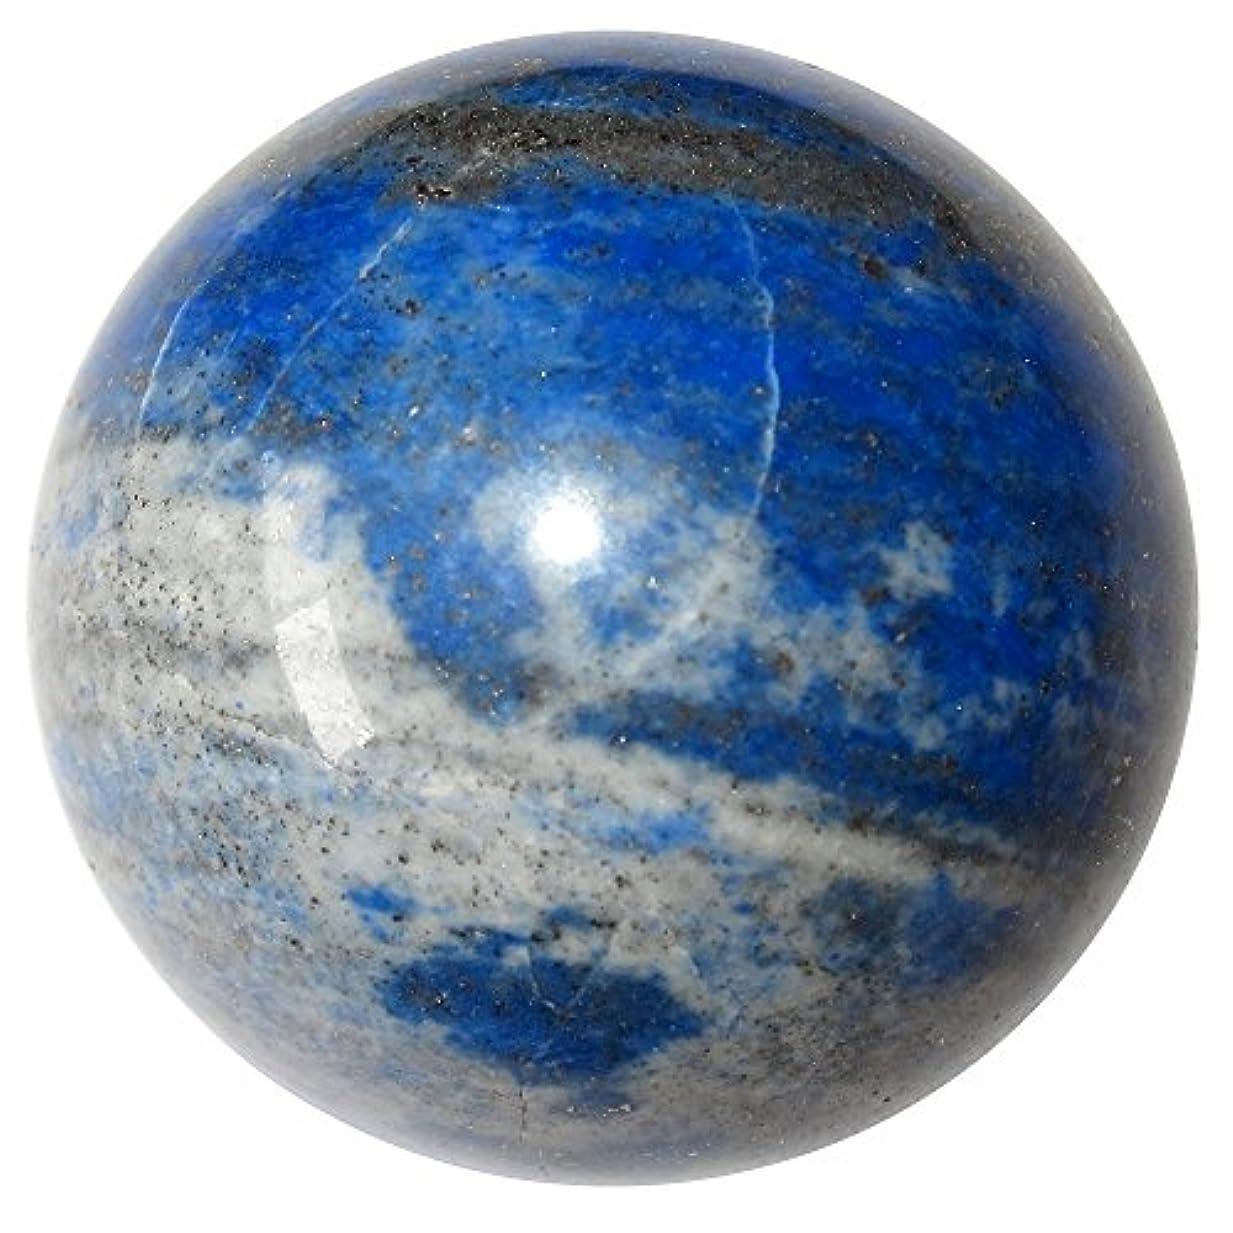 驚くべきマインド食事サテンクリスタルLapisボールプレミアムブルーLazuli Third Eye Chakra直感的なHealing Precious Stone球p03 1.6 Inches ブルー lapisball03-afghanearth...